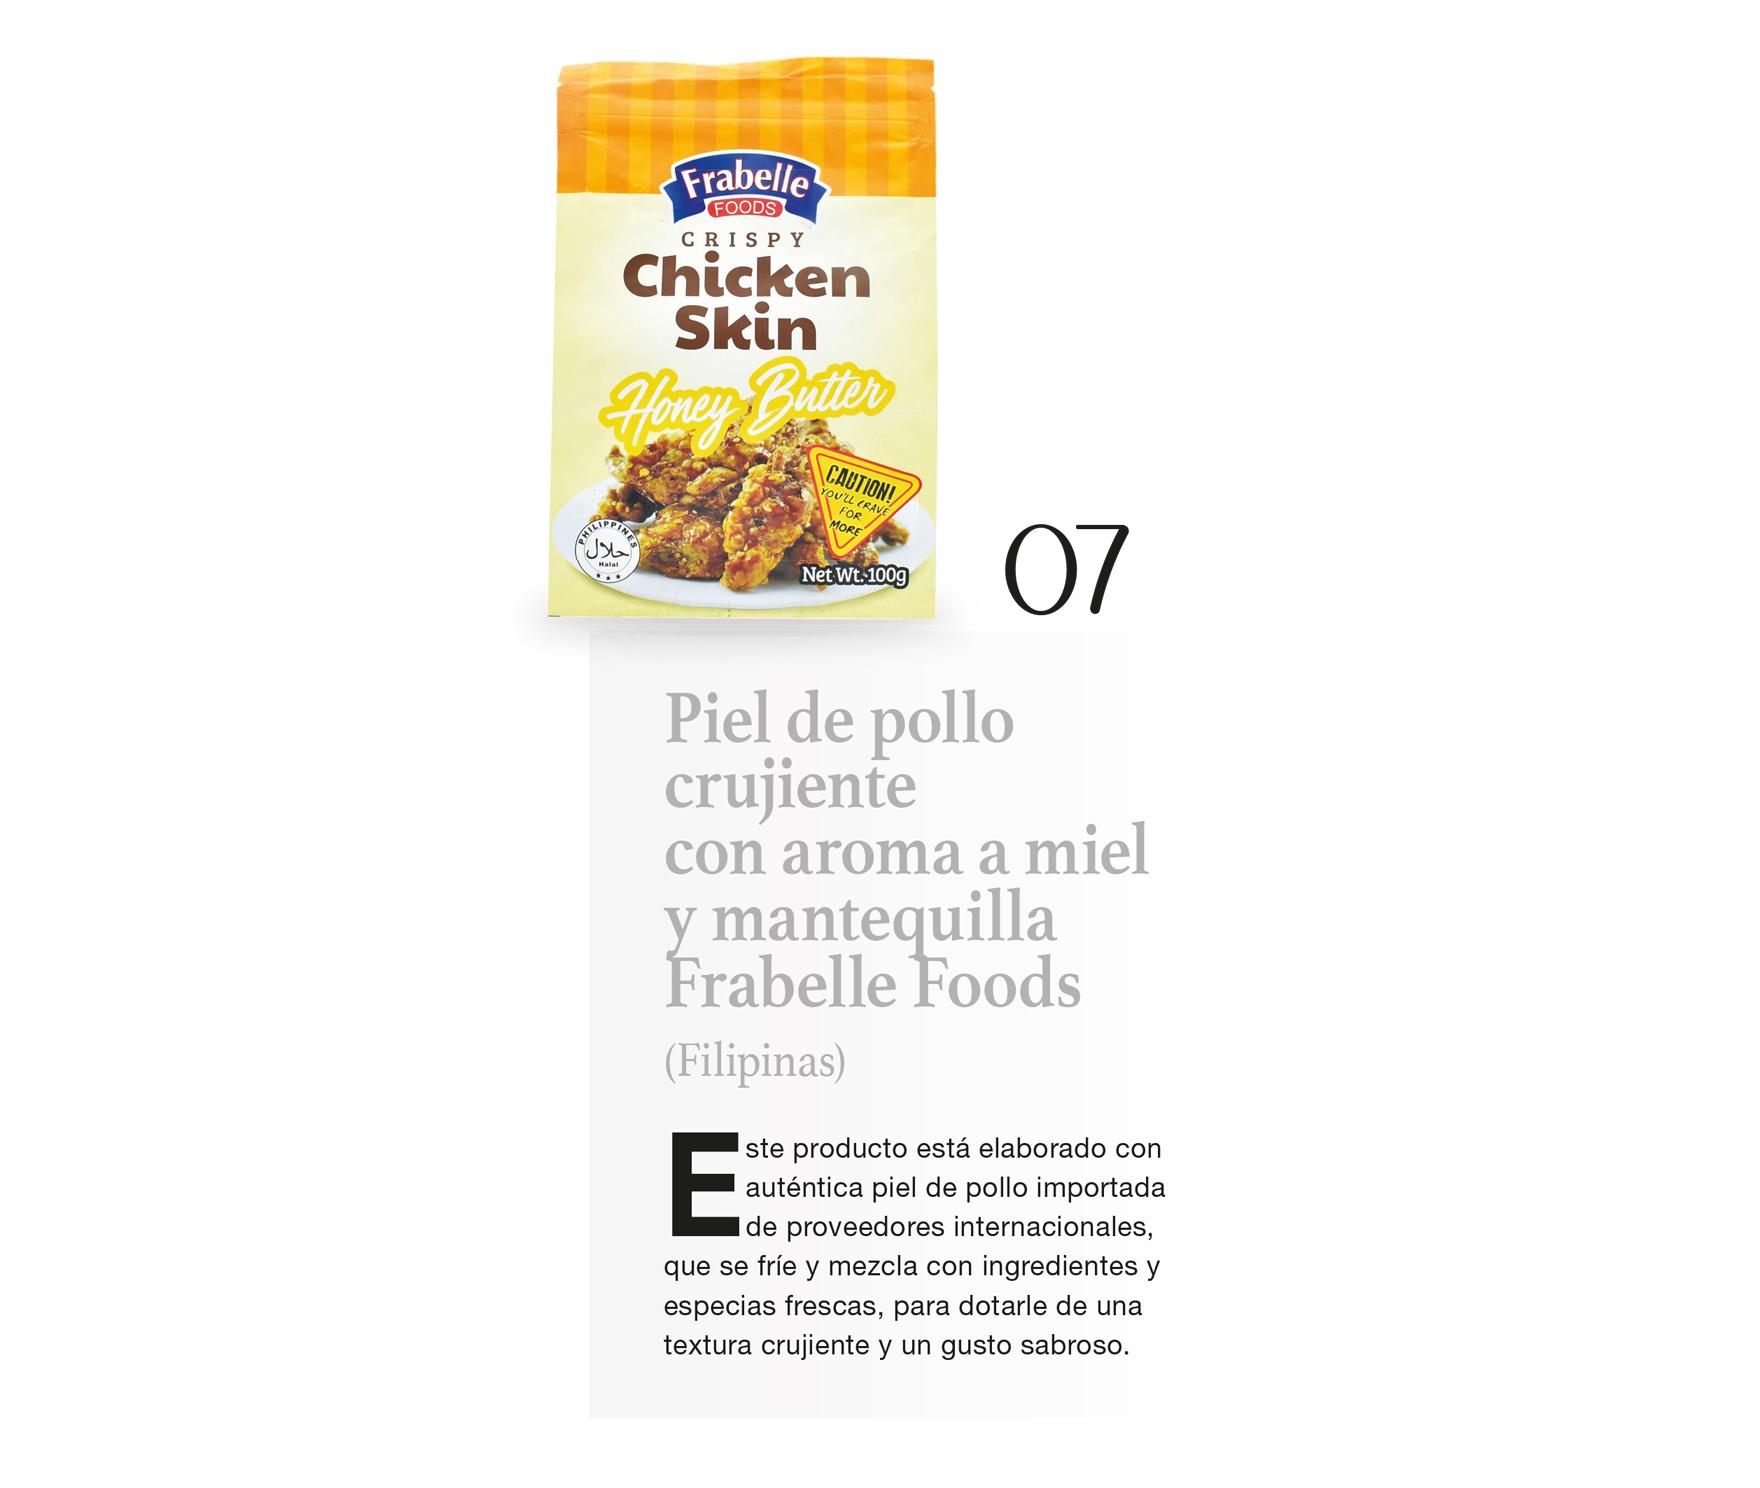 Piel de pollo crujiente con aroma a miel y mantequilla Frabelle Foods (Filipinas)